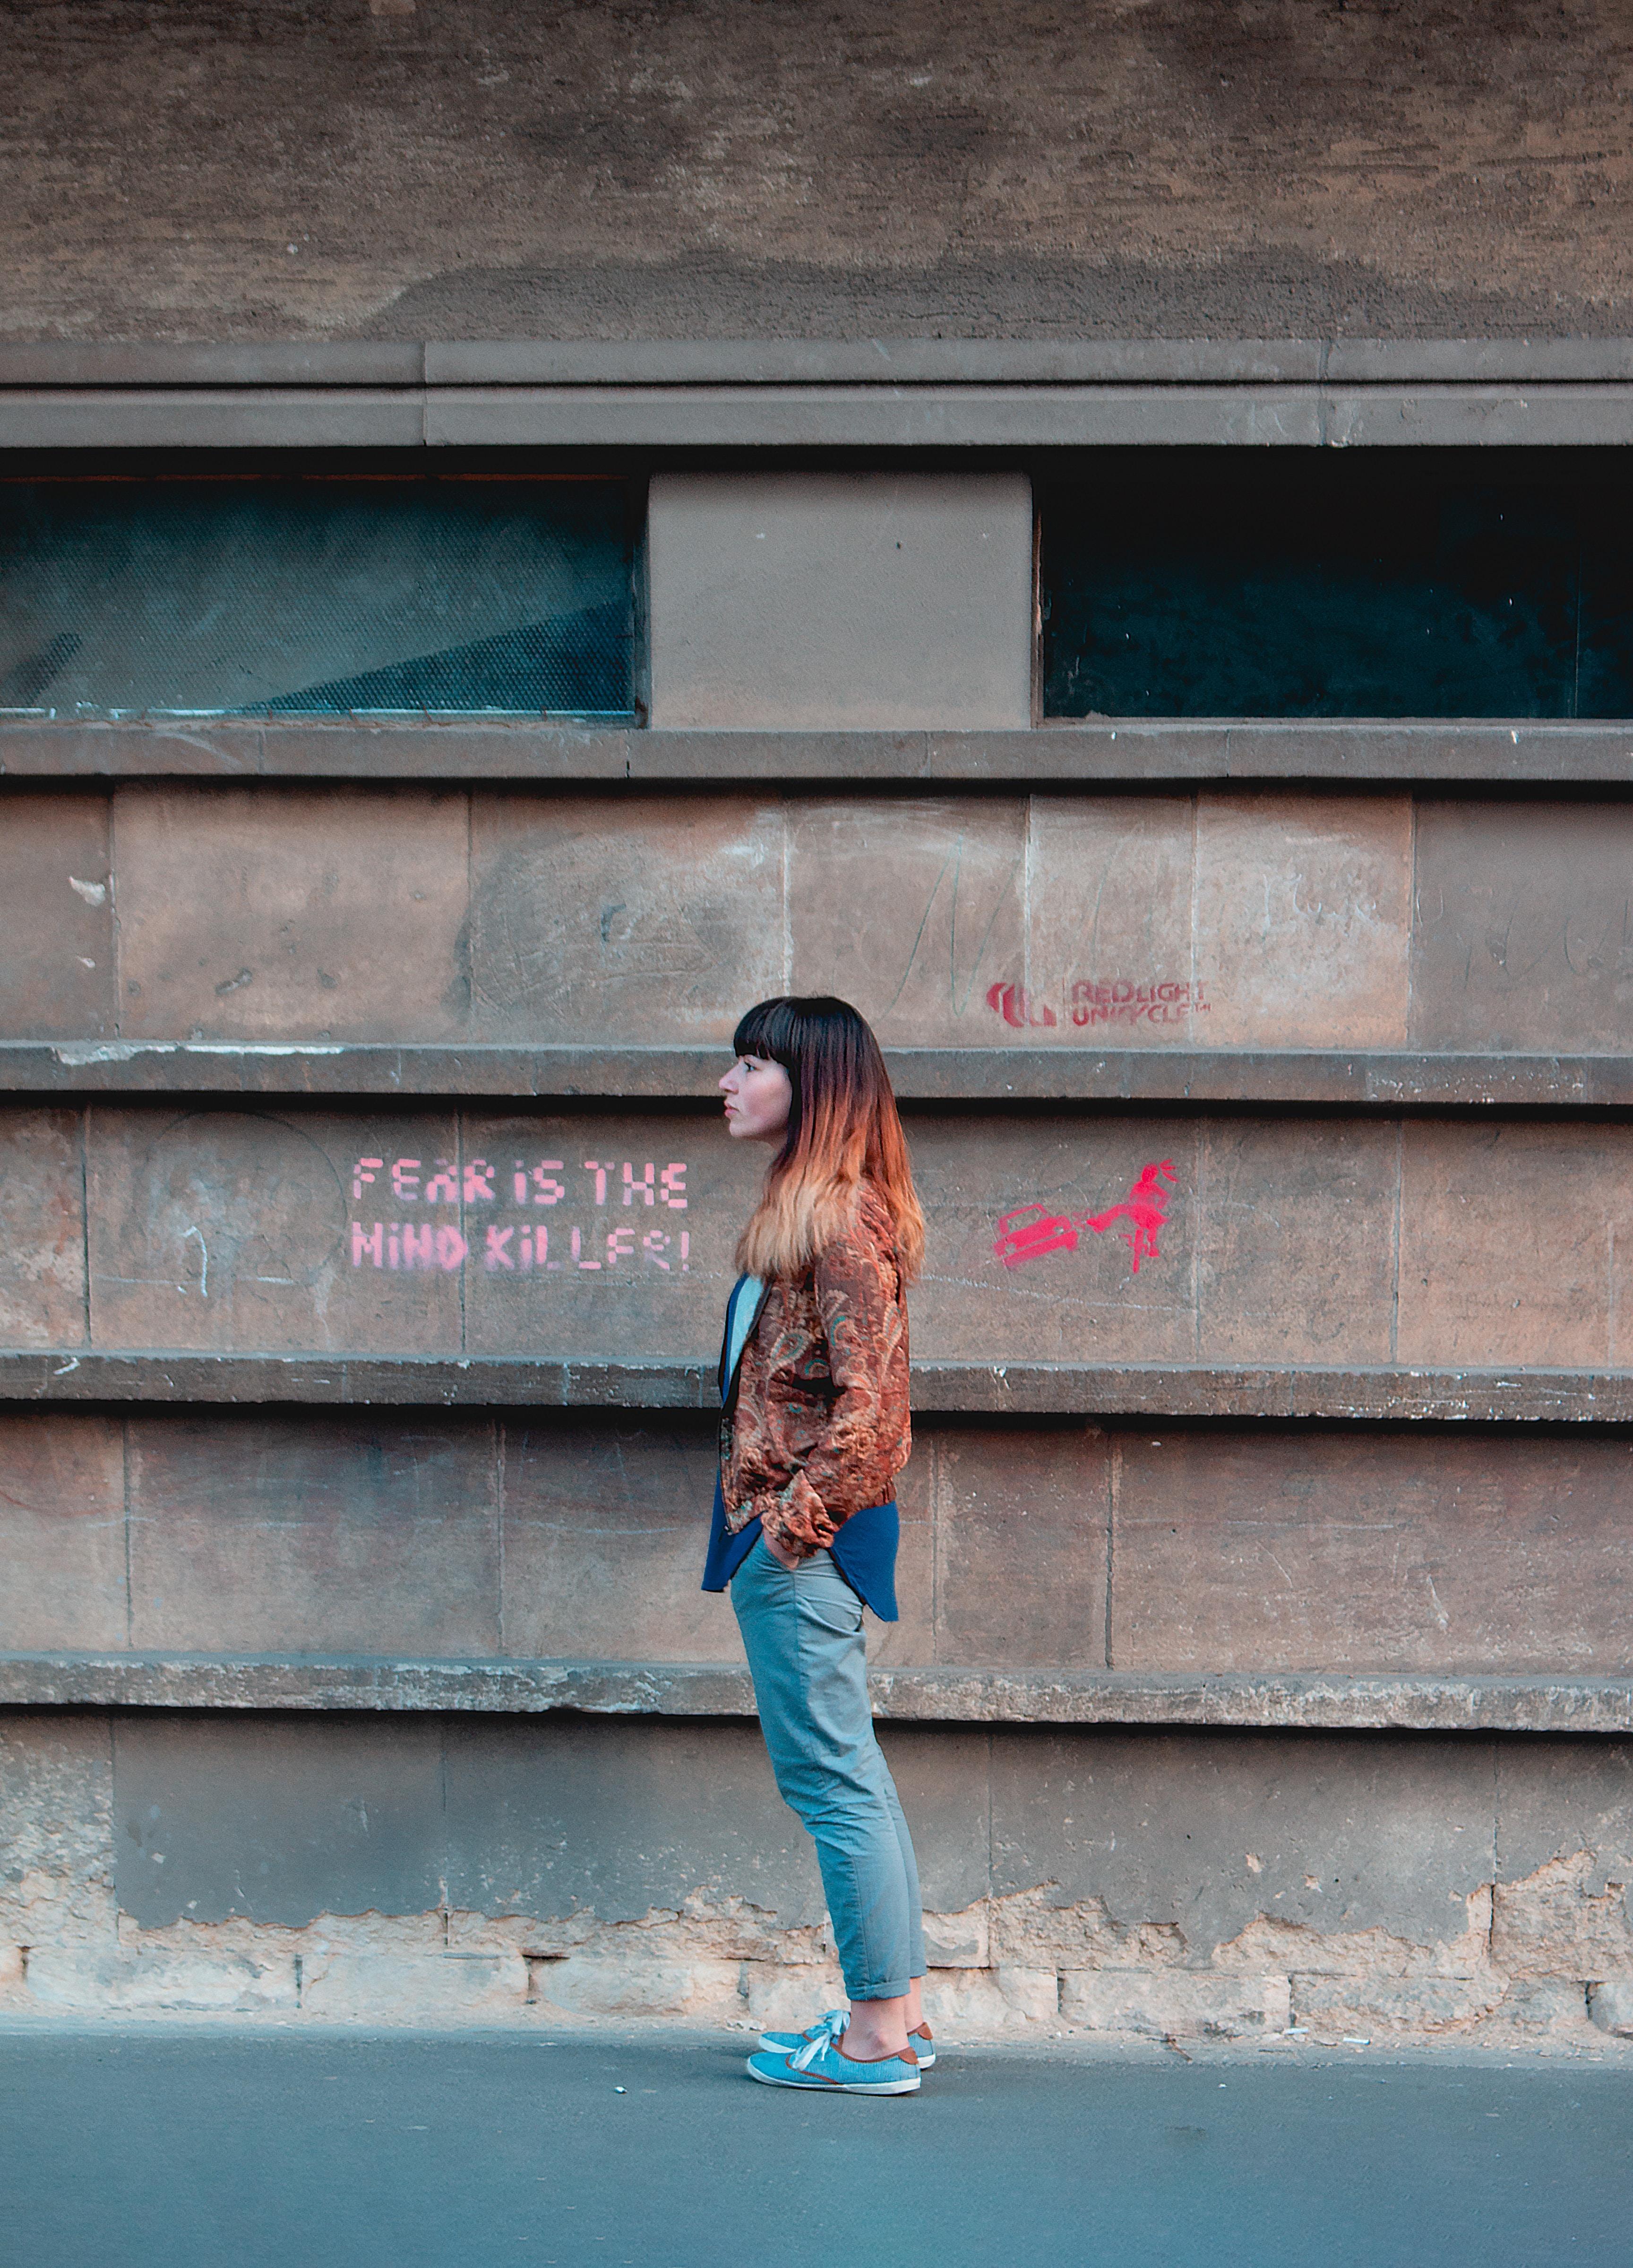 Photo by Alexandra Ișvănescu on Unsplash